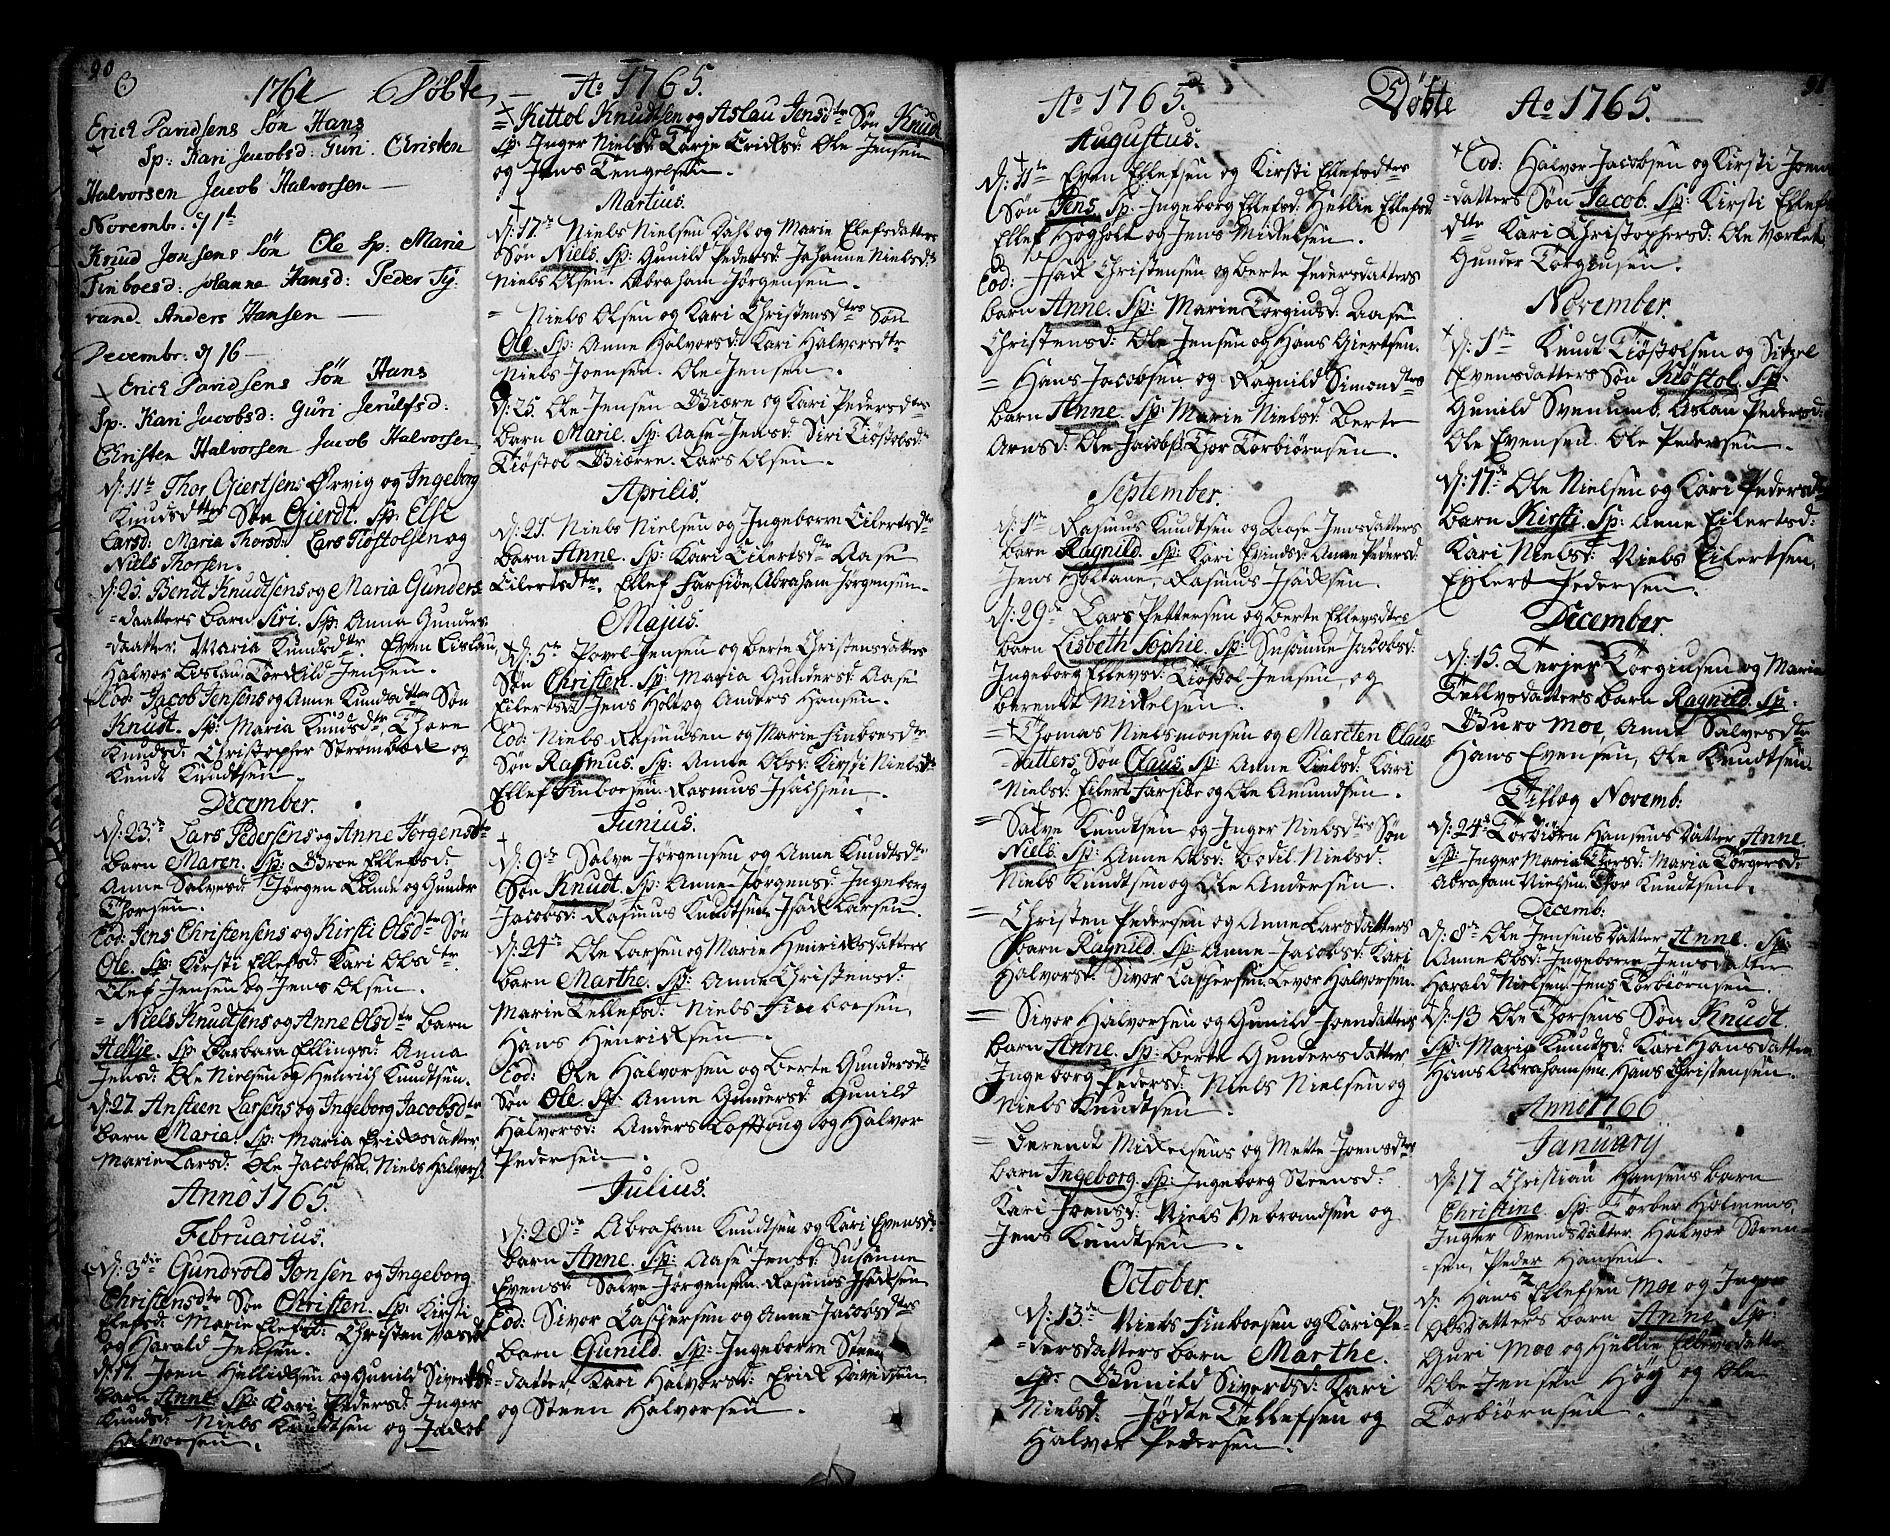 SAKO, Sannidal kirkebøker, F/Fa/L0001: Ministerialbok nr. 1, 1702-1766, s. 90-91